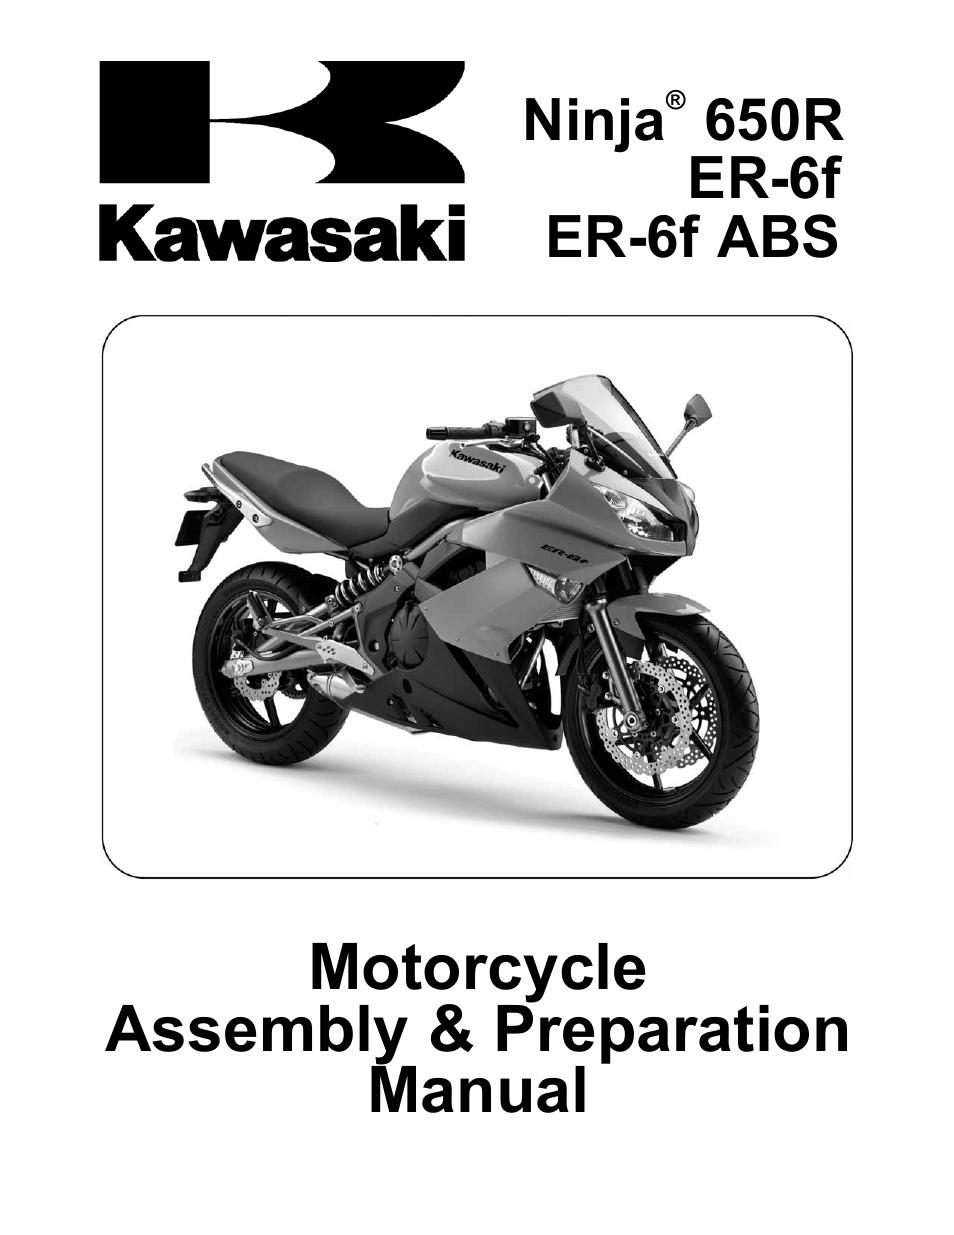 Kawasaki Ninja 650r User Manual 32 Pages Also For Ninja Er 6f